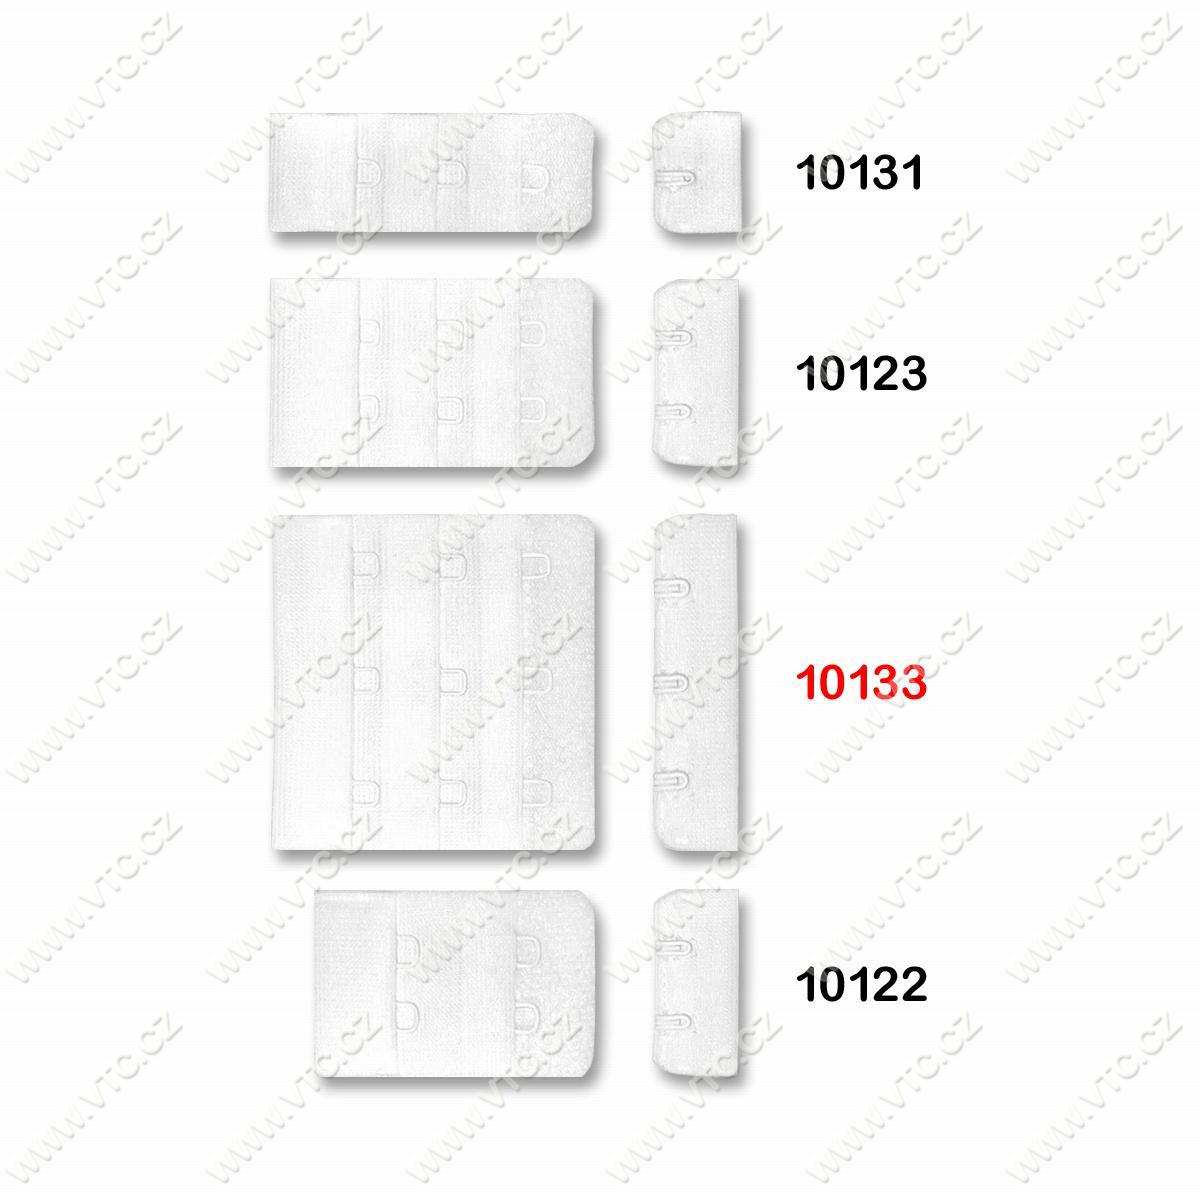 bh haken und sen band 3 3 vtc ag. Black Bedroom Furniture Sets. Home Design Ideas